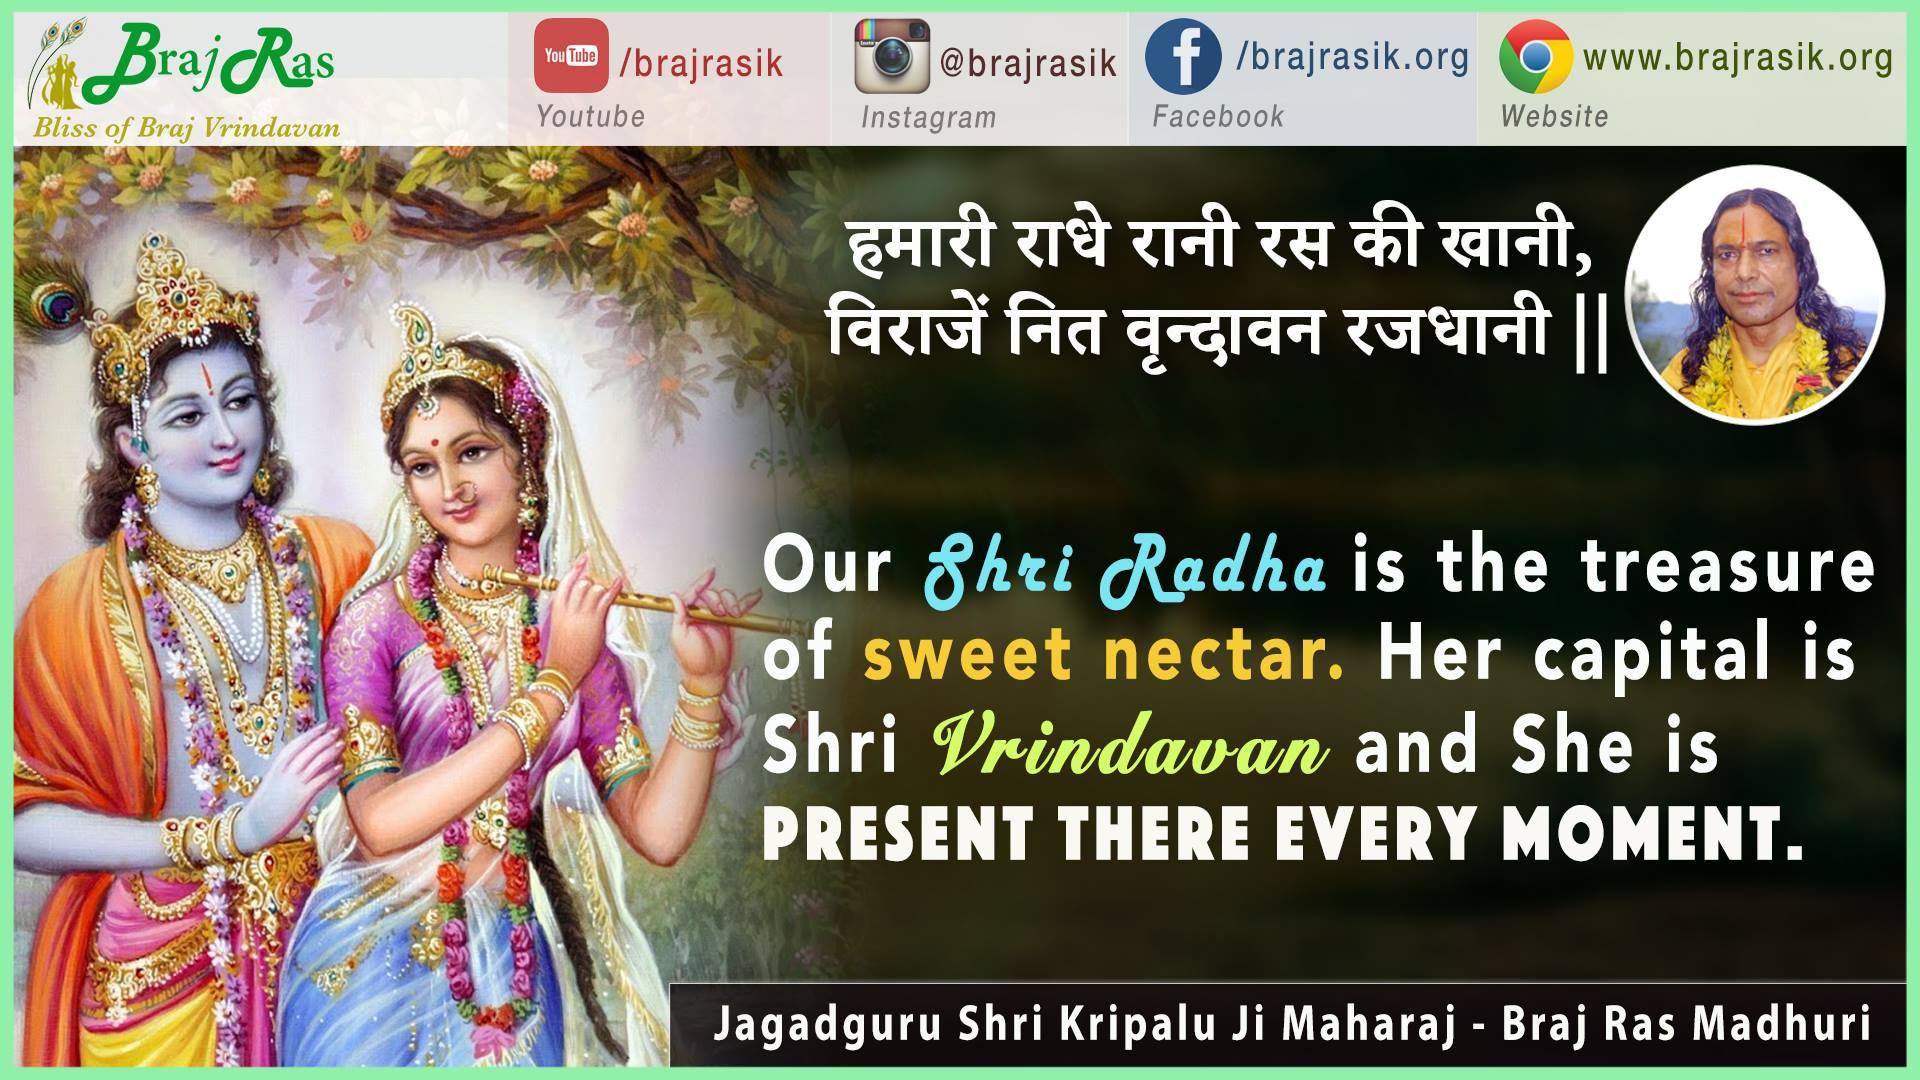 Humari Radhey Rani Ras Ki Khani - Jagadguru Shri Kripalu Ji Maharaj, Braj Ras Madhuri